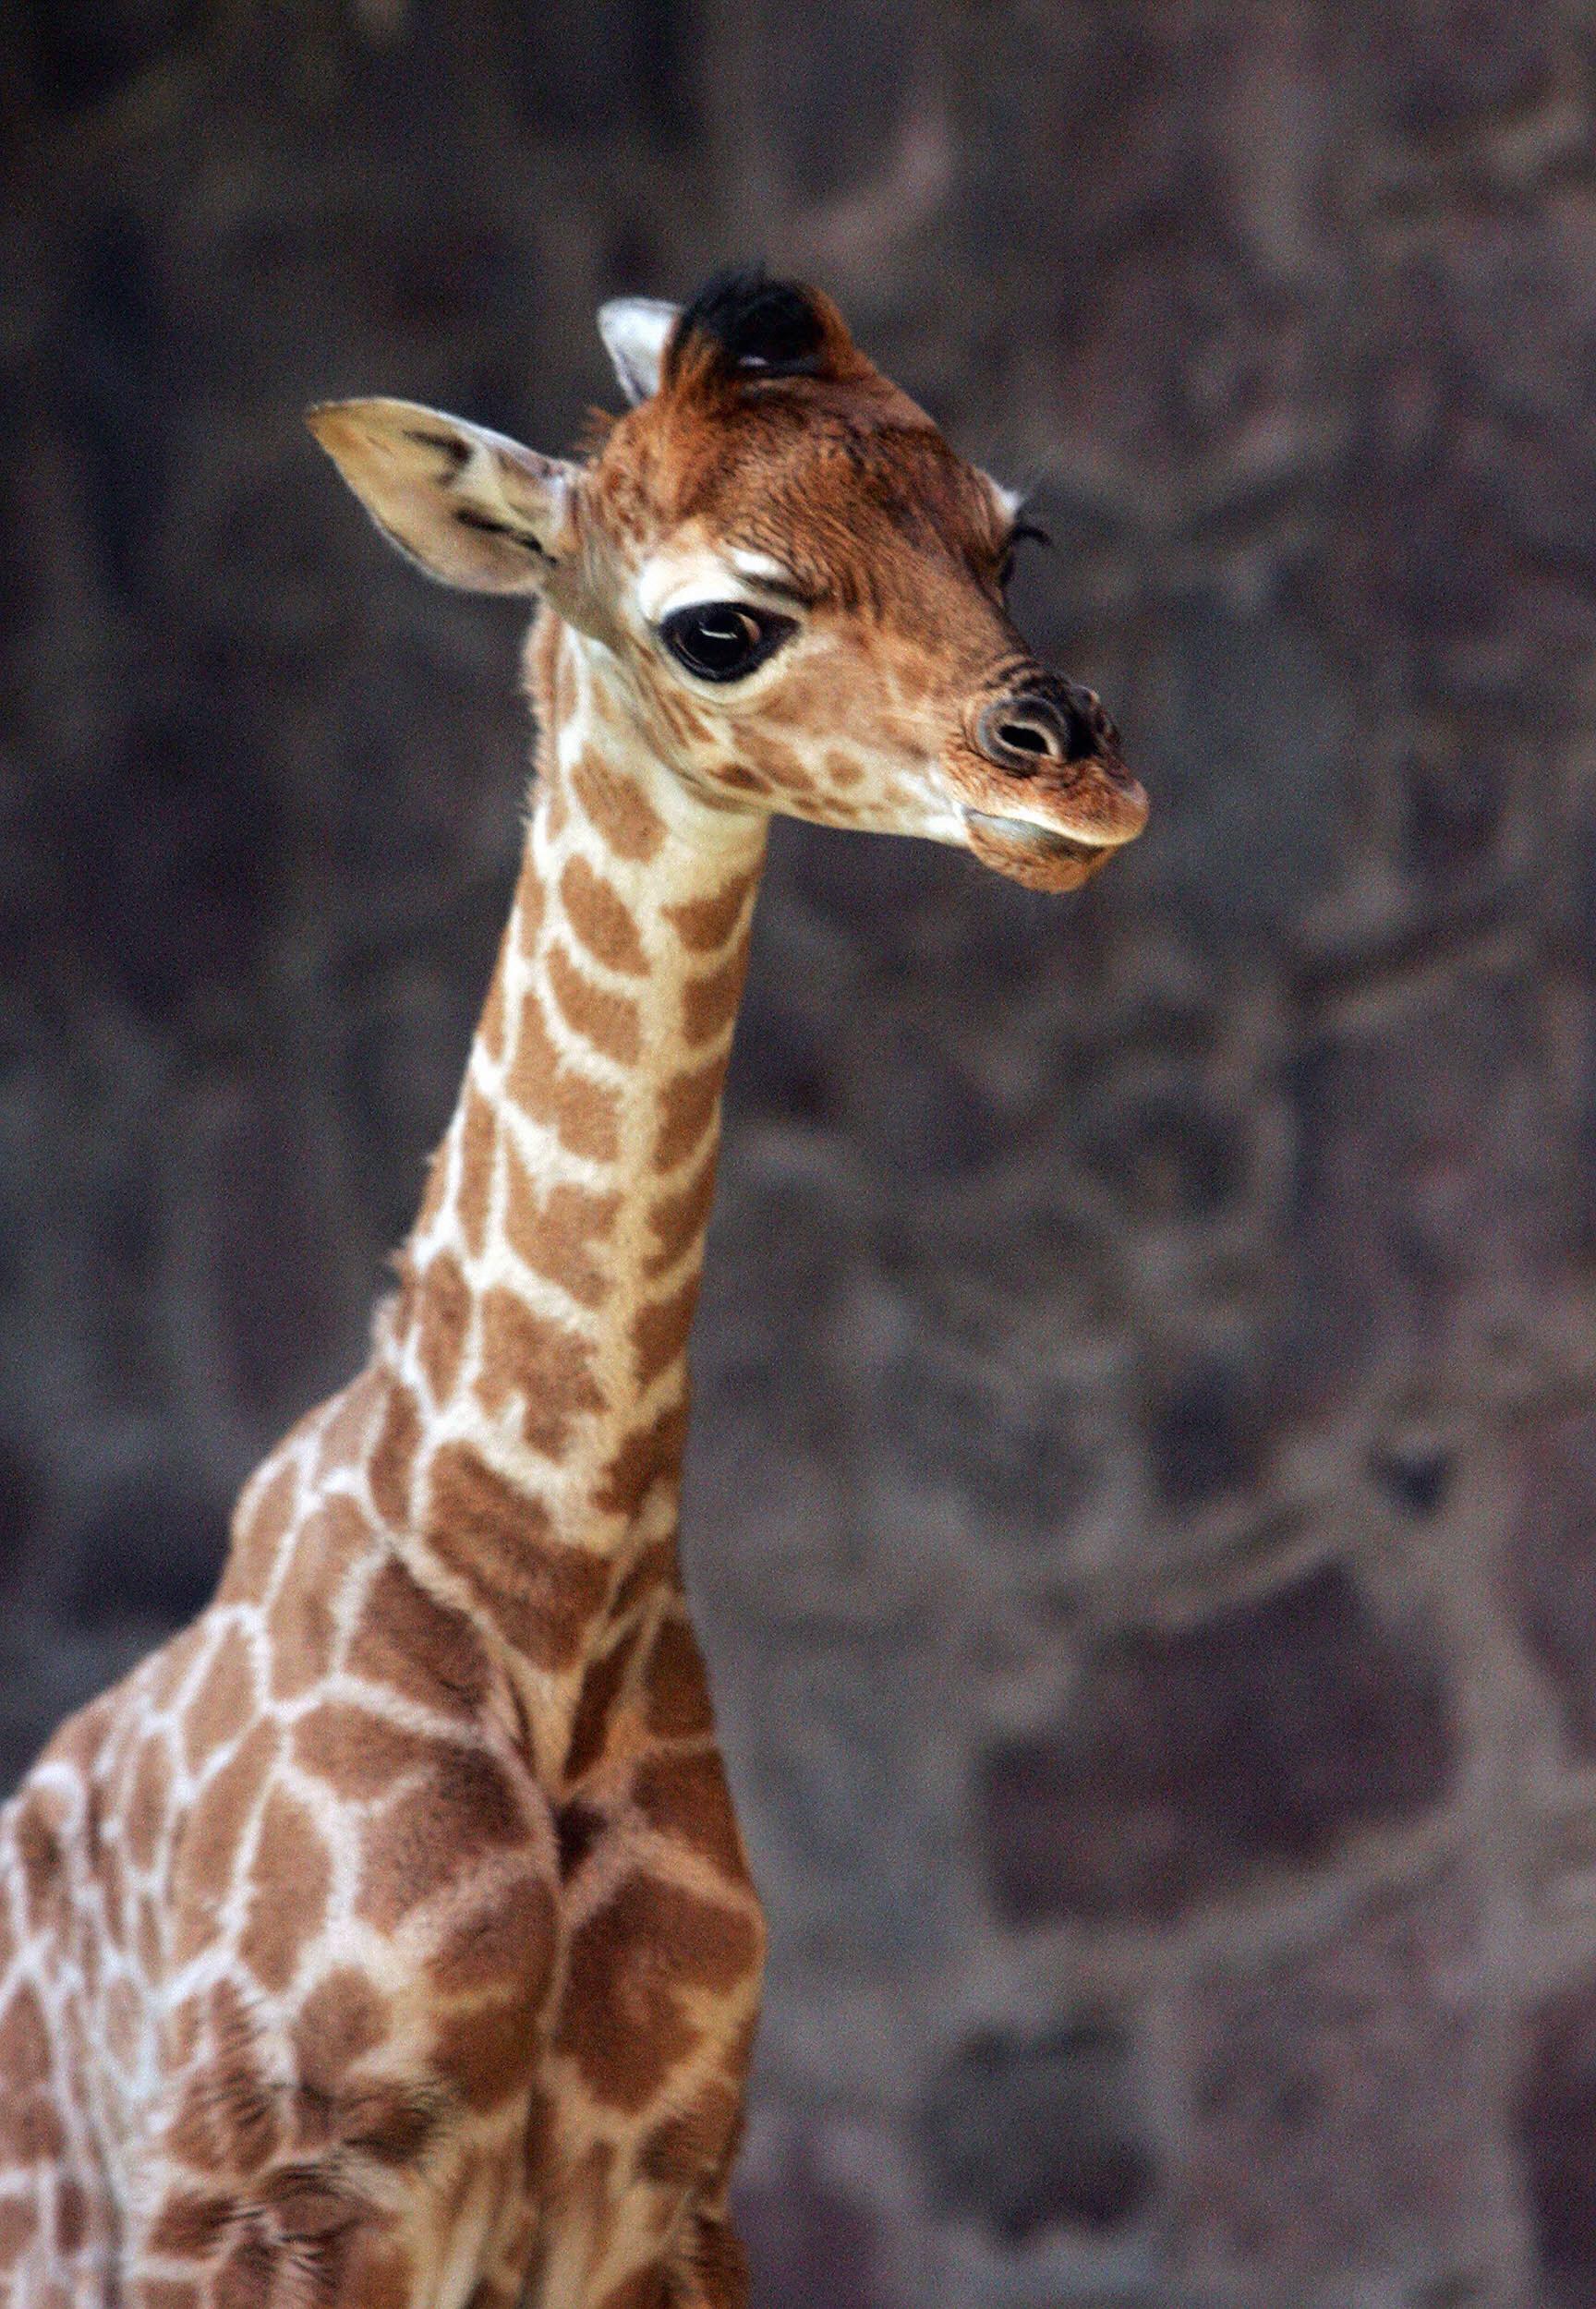 Baby Giraffe Goes for Sloppy Seconds